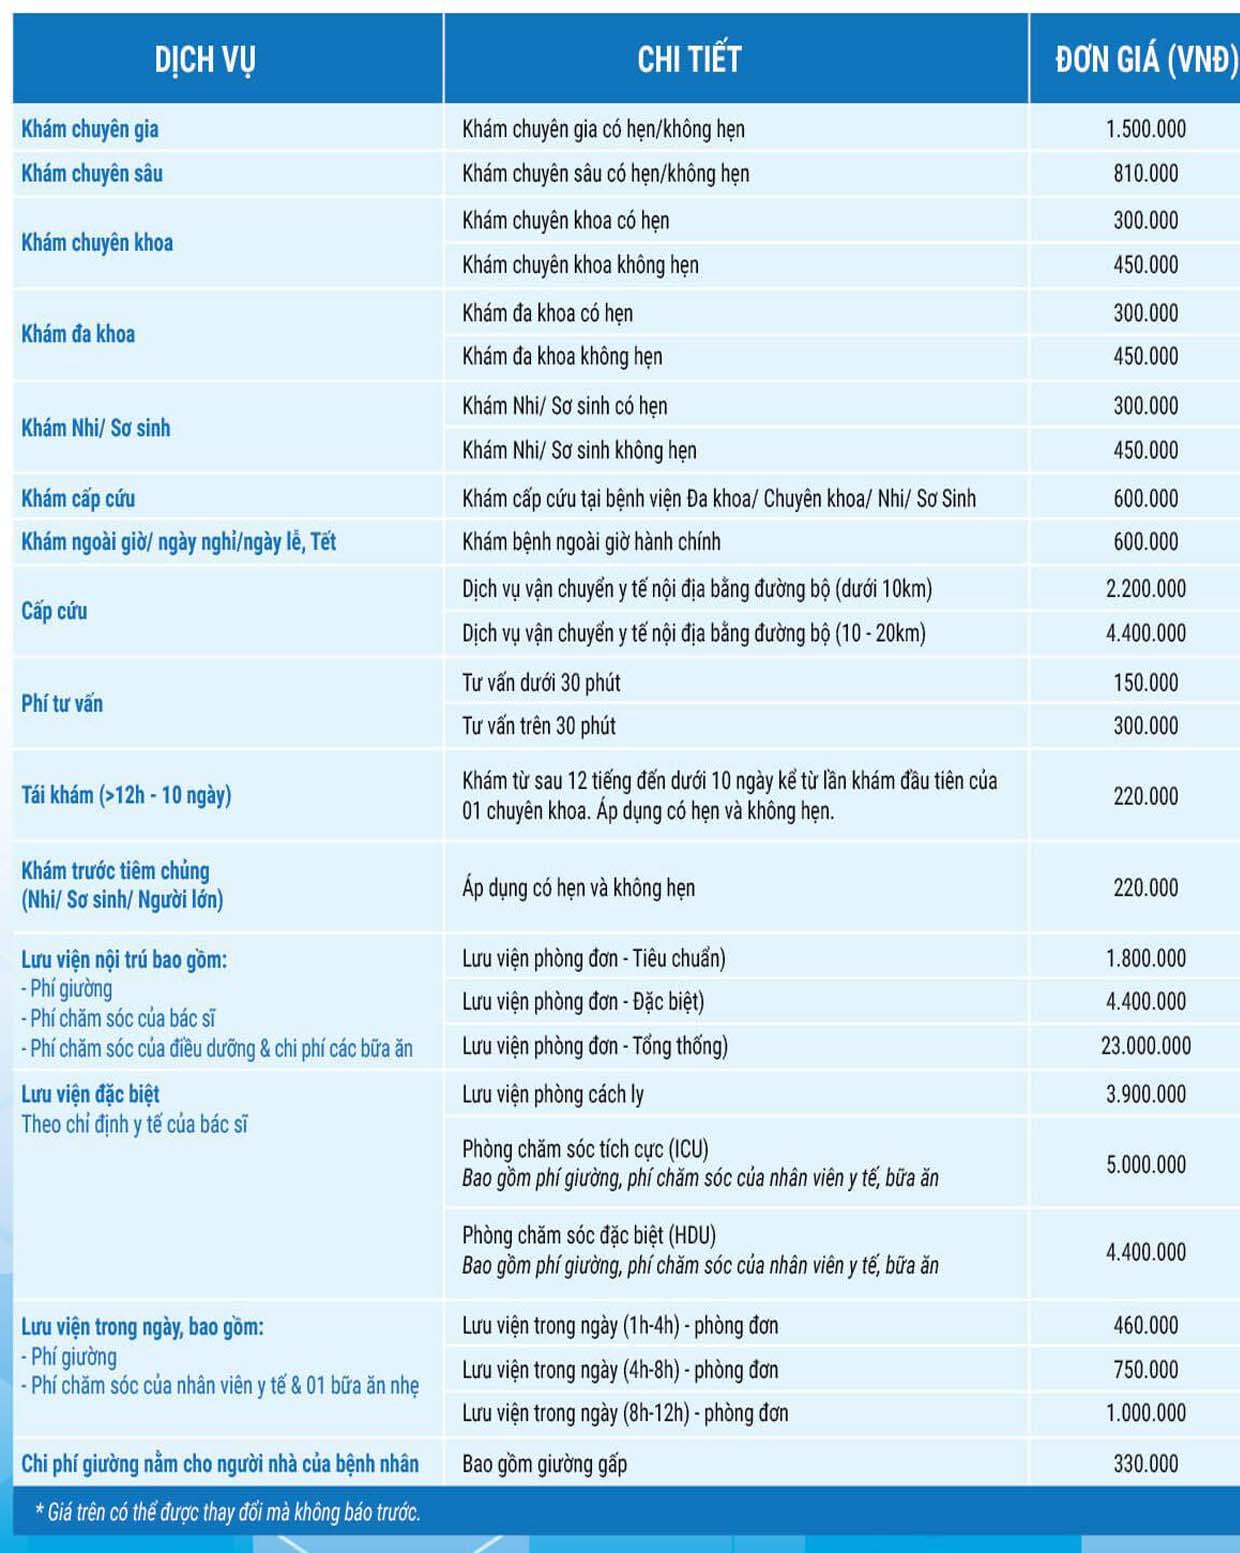 Bảng giá bệnh viện Vinmec Đà Nẵng, Nha Trang, Hải Phòng, Hạ long, vinmec Phú Quốc